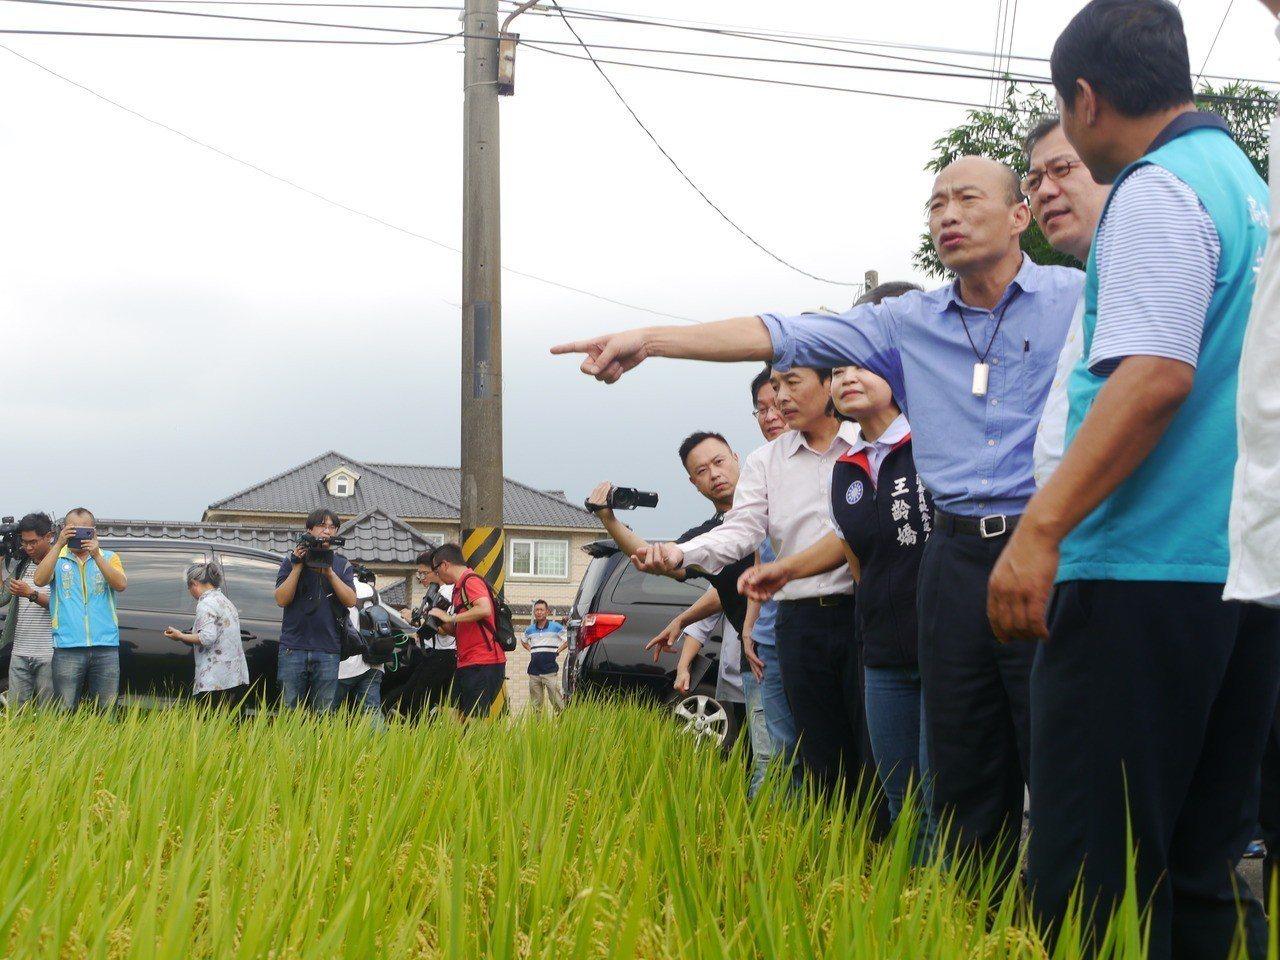 高雄市長韓國瑜(右三)視察美濃稻田受損情況。記者徐白櫻/攝影